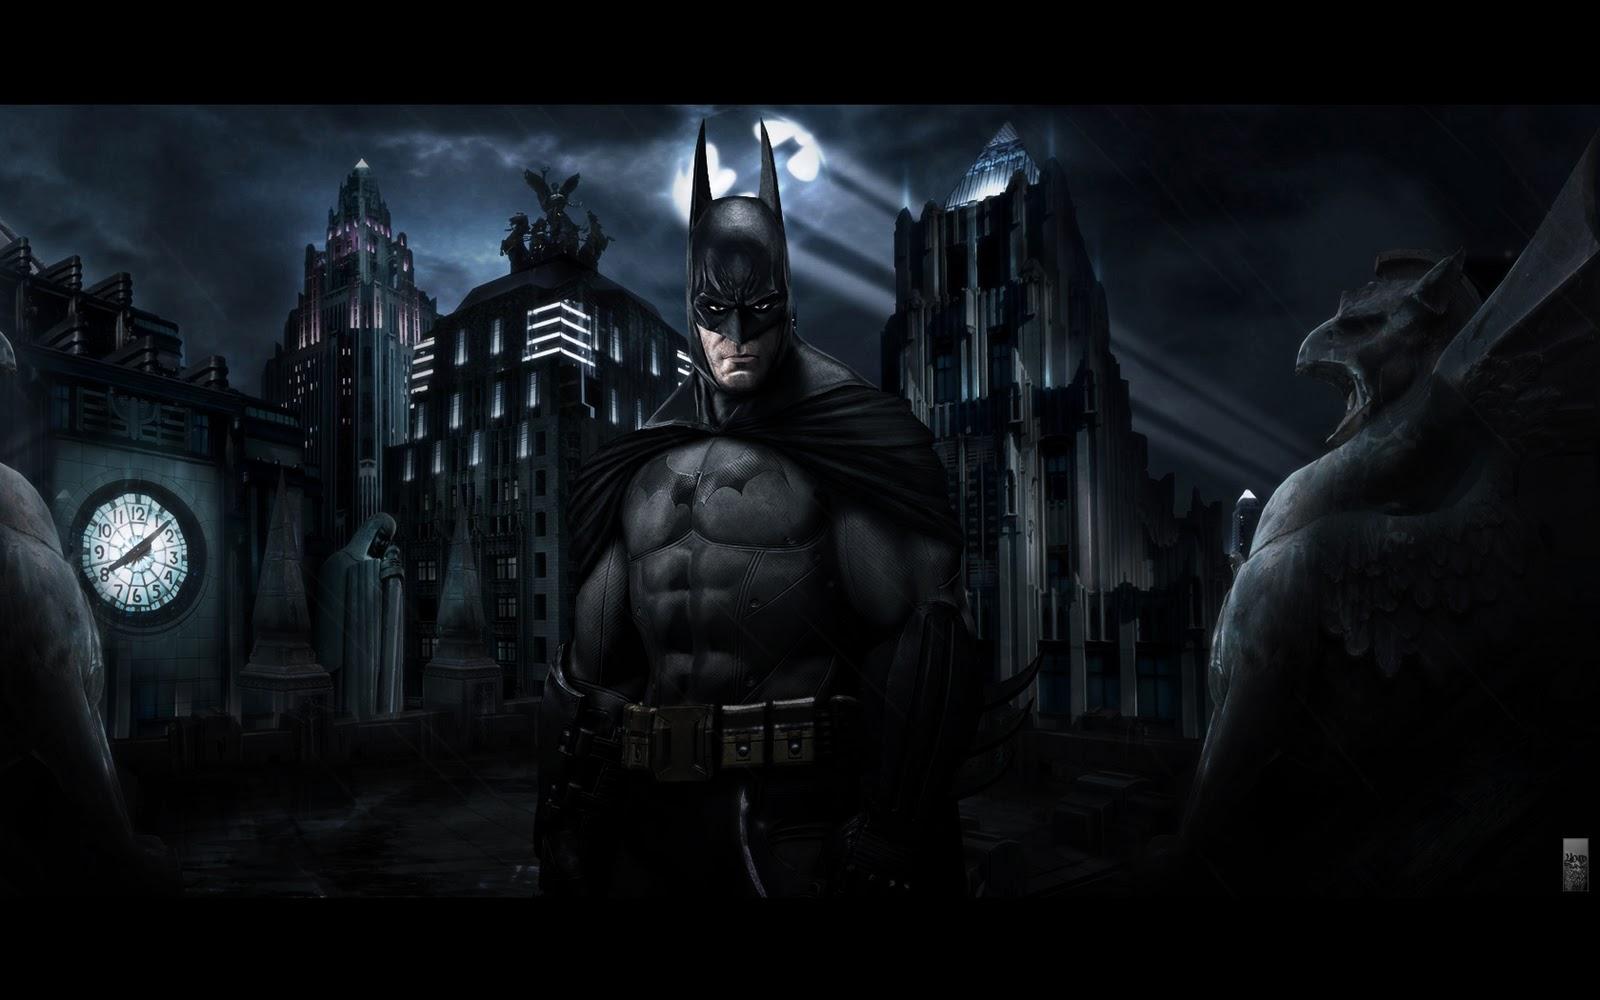 http://4.bp.blogspot.com/-yRA4ZEFgkpA/TntBhxjNt4I/AAAAAAAAAG4/GnFlwbXRaYM/s1600/batman-arkham-asylum-wallpaper-17.jpg